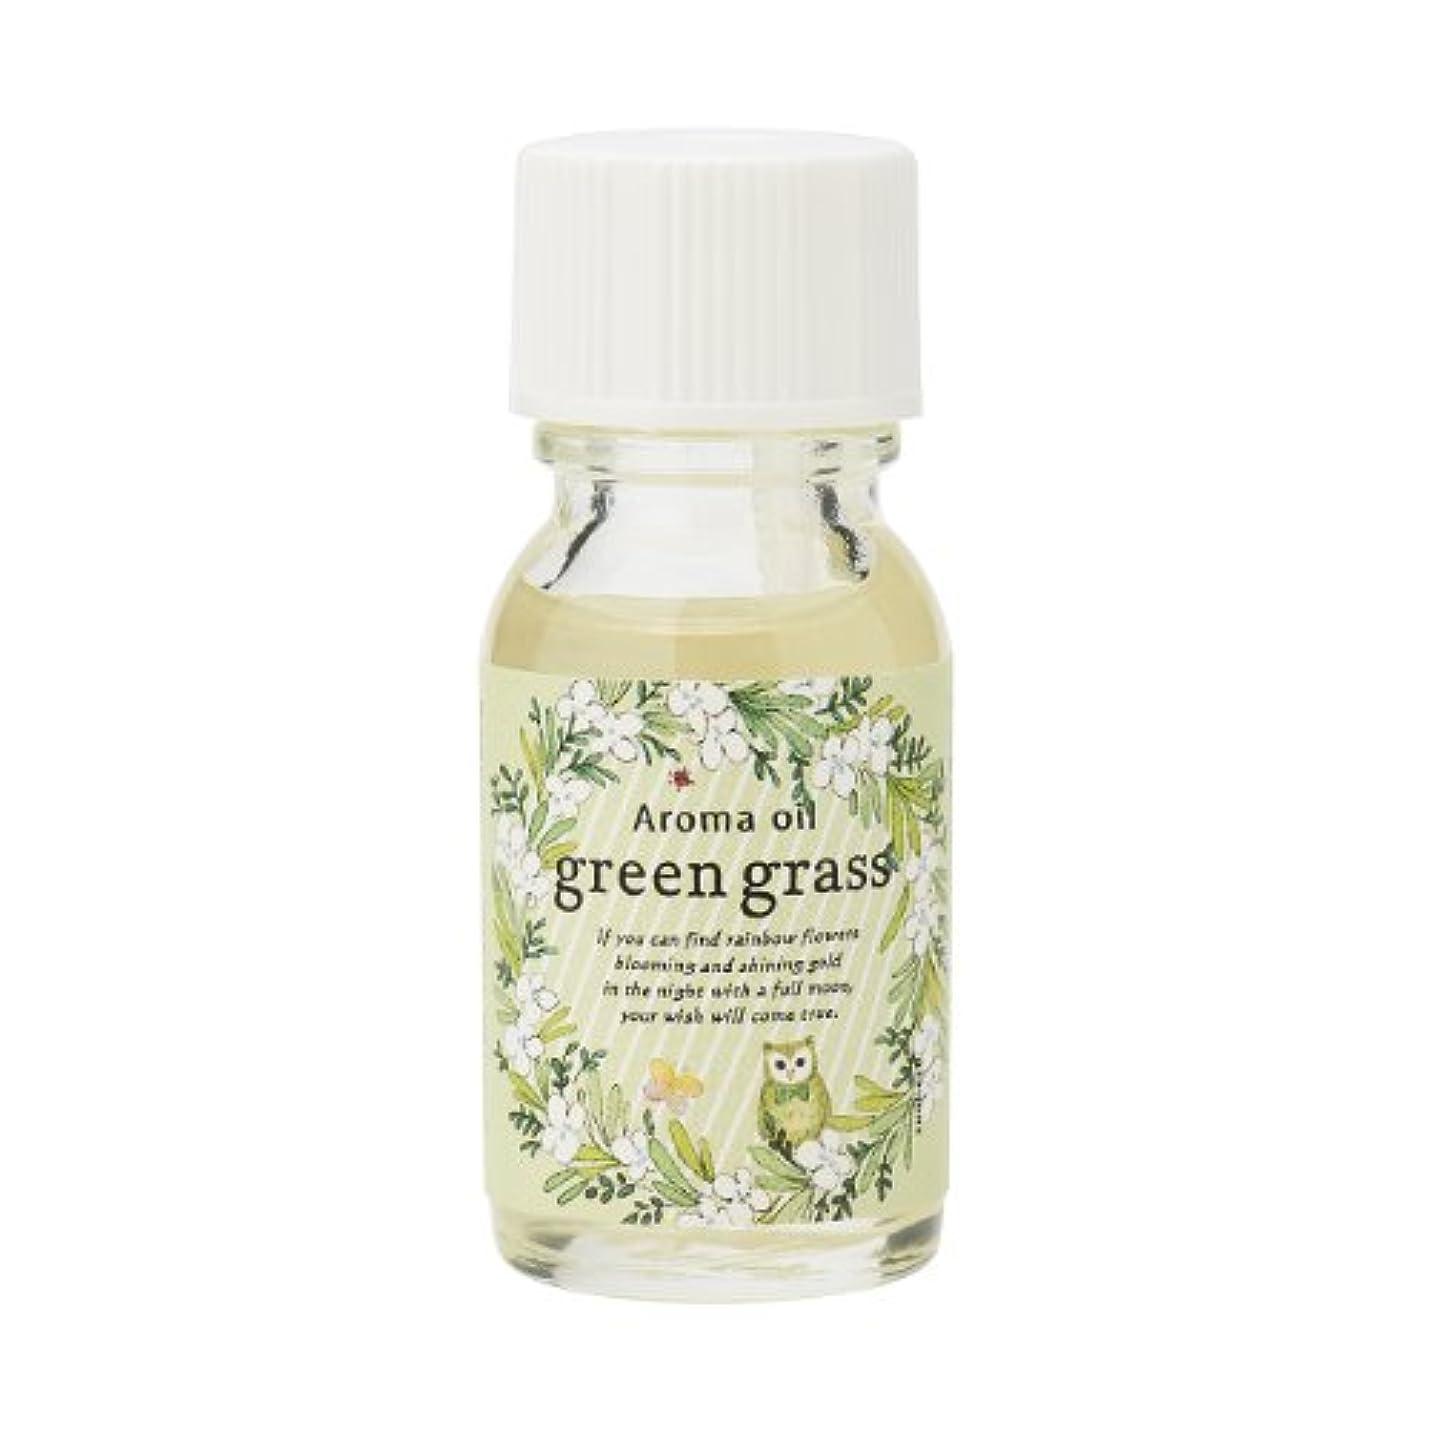 高層ビル症候群深くサンハーブ アロマオイル グリーングラス 13ml(爽やかでちょっと大人の香り)